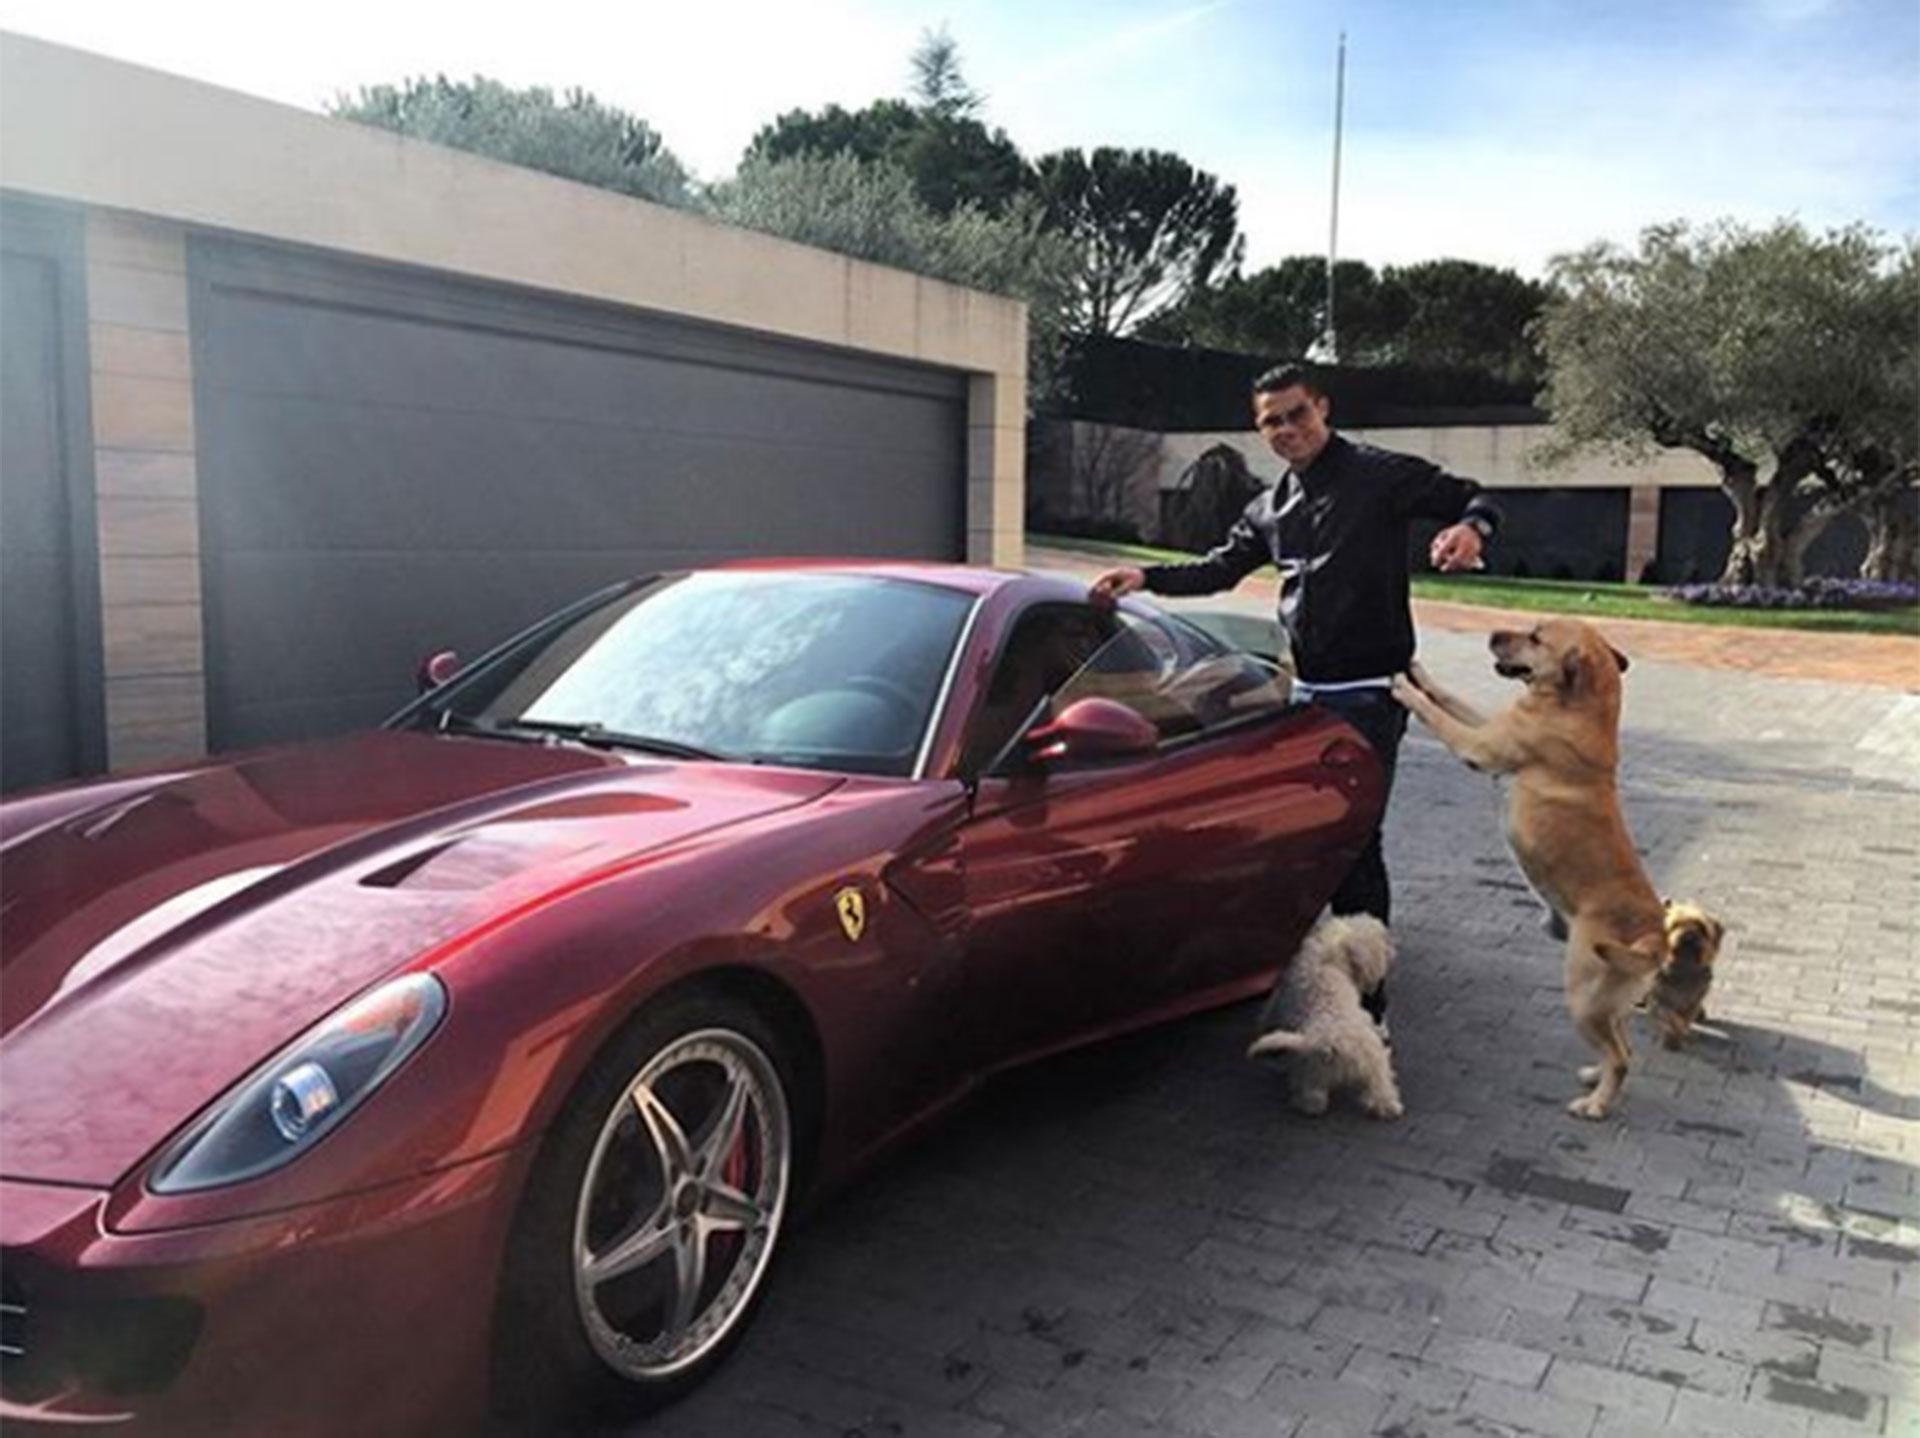 Así es la millonaria colección de coches de Cristiano Ronaldo - Infobae b15d5809f4f0c